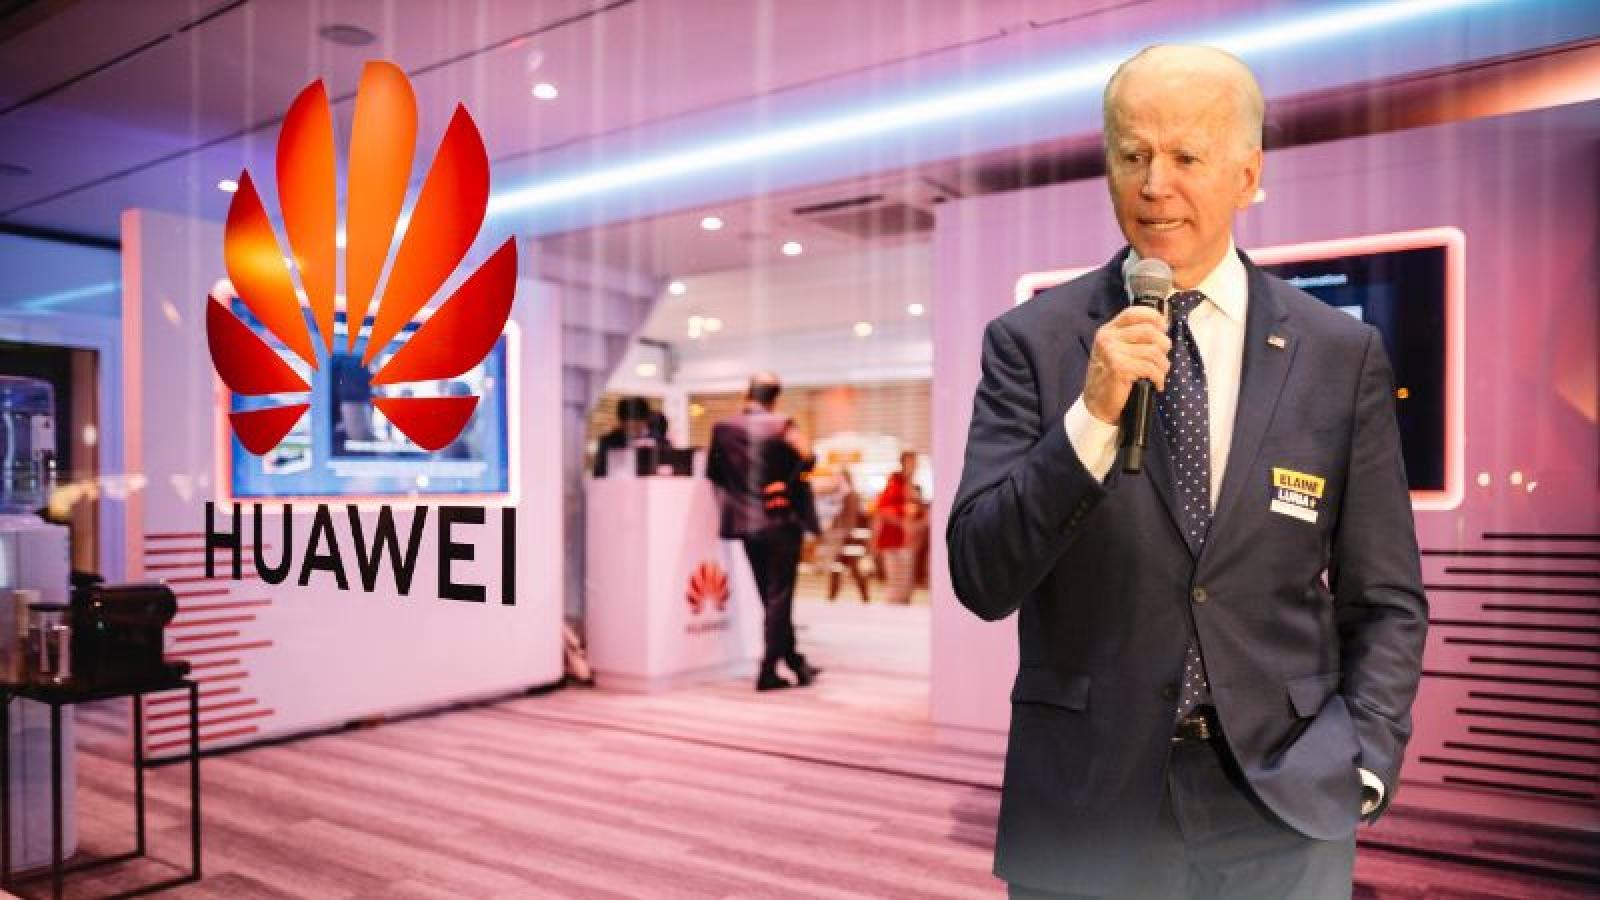 Liệu tân Tổng thống Mỹ có xóa bỏ lệnh cấm đối với các công ty Trung Quốc?